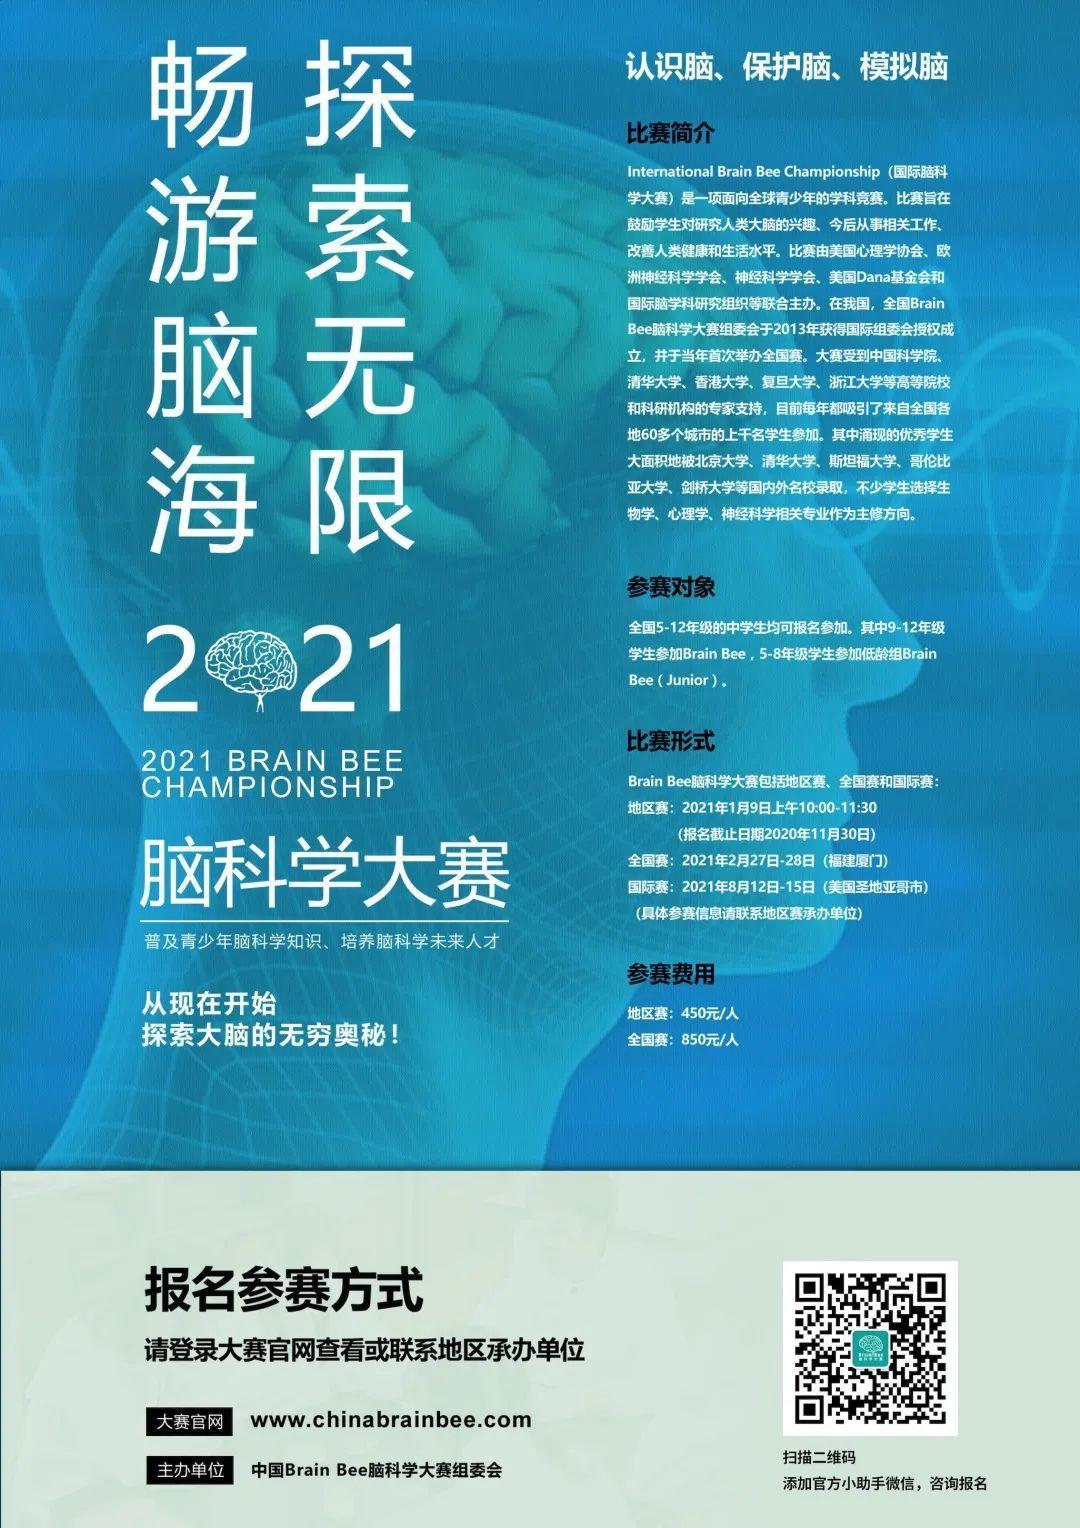 2021年Brain Bee脑科学大赛来袭,你准备好了吗?  深国交 深圳国际交流学院 学在国交 第4张